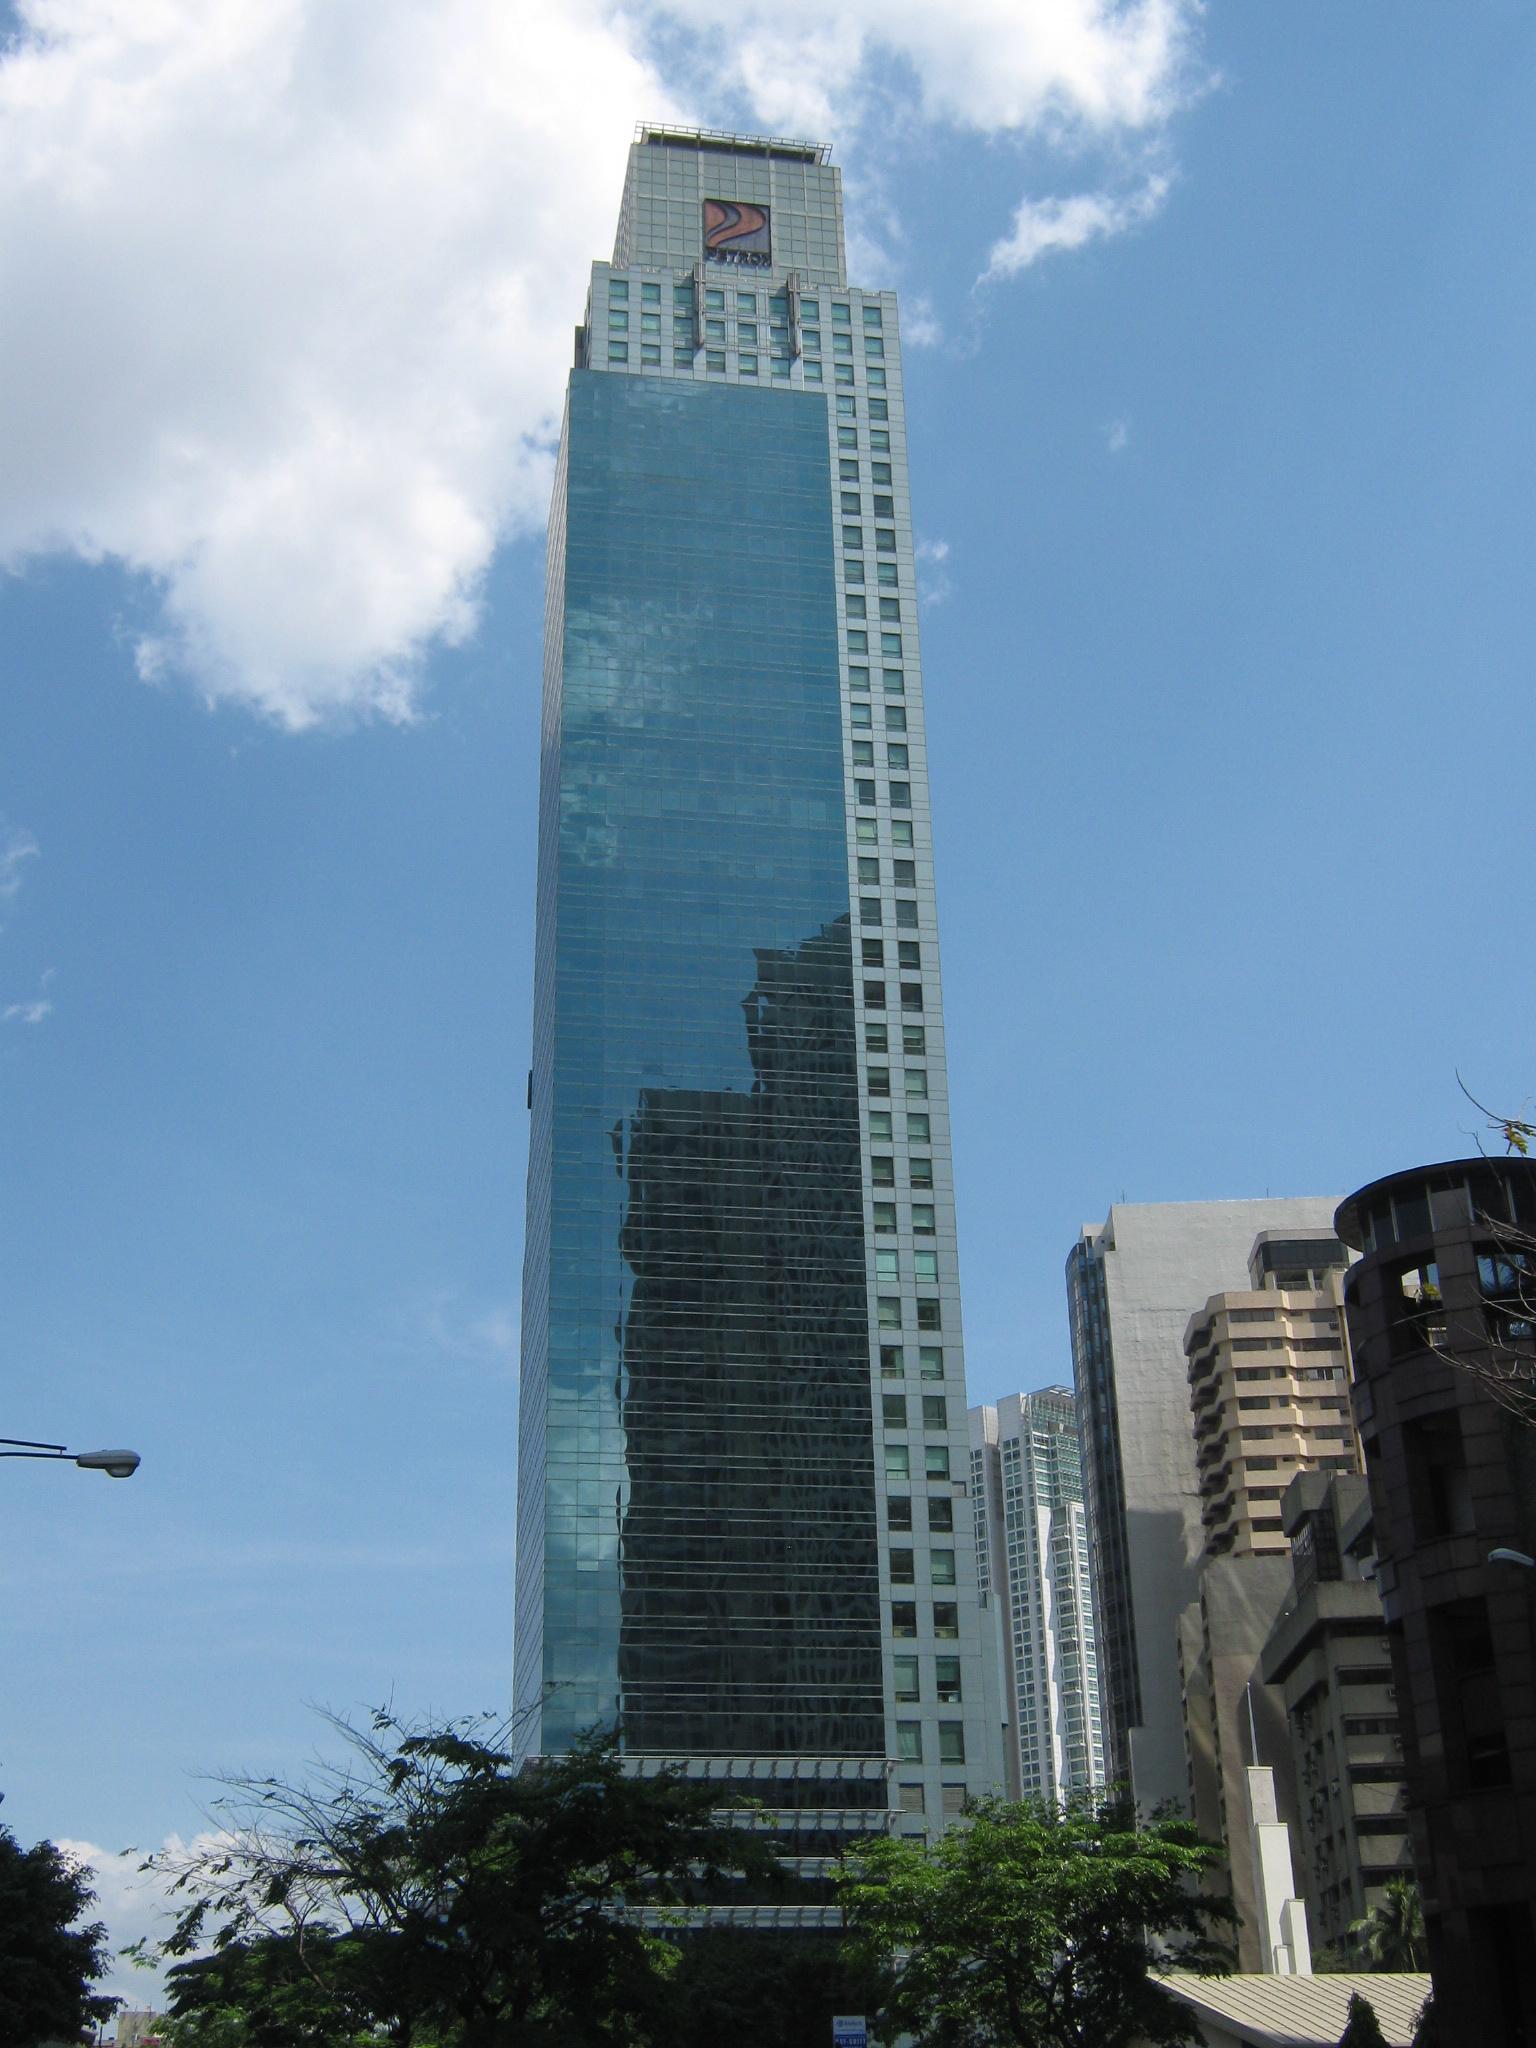 petron megaplaza the skyscraper center